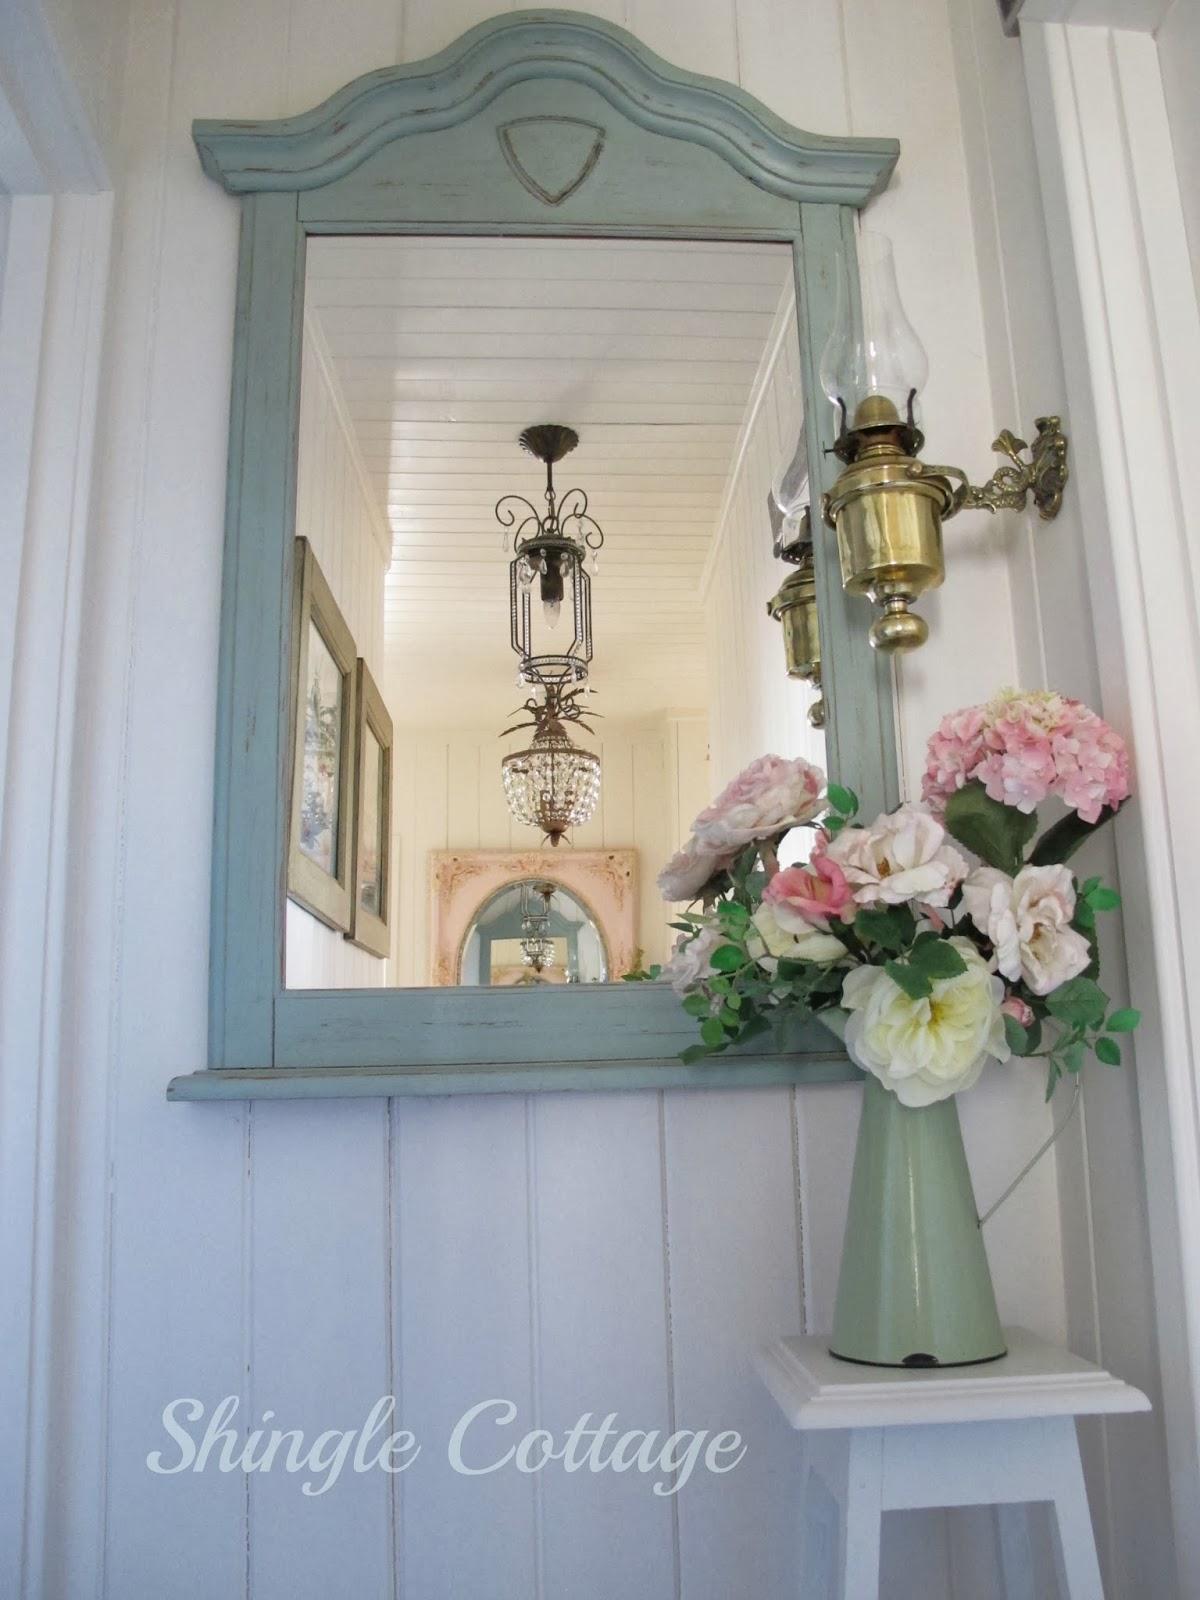 Shingle cottage little cottage hallway - Country cottage hallways ...